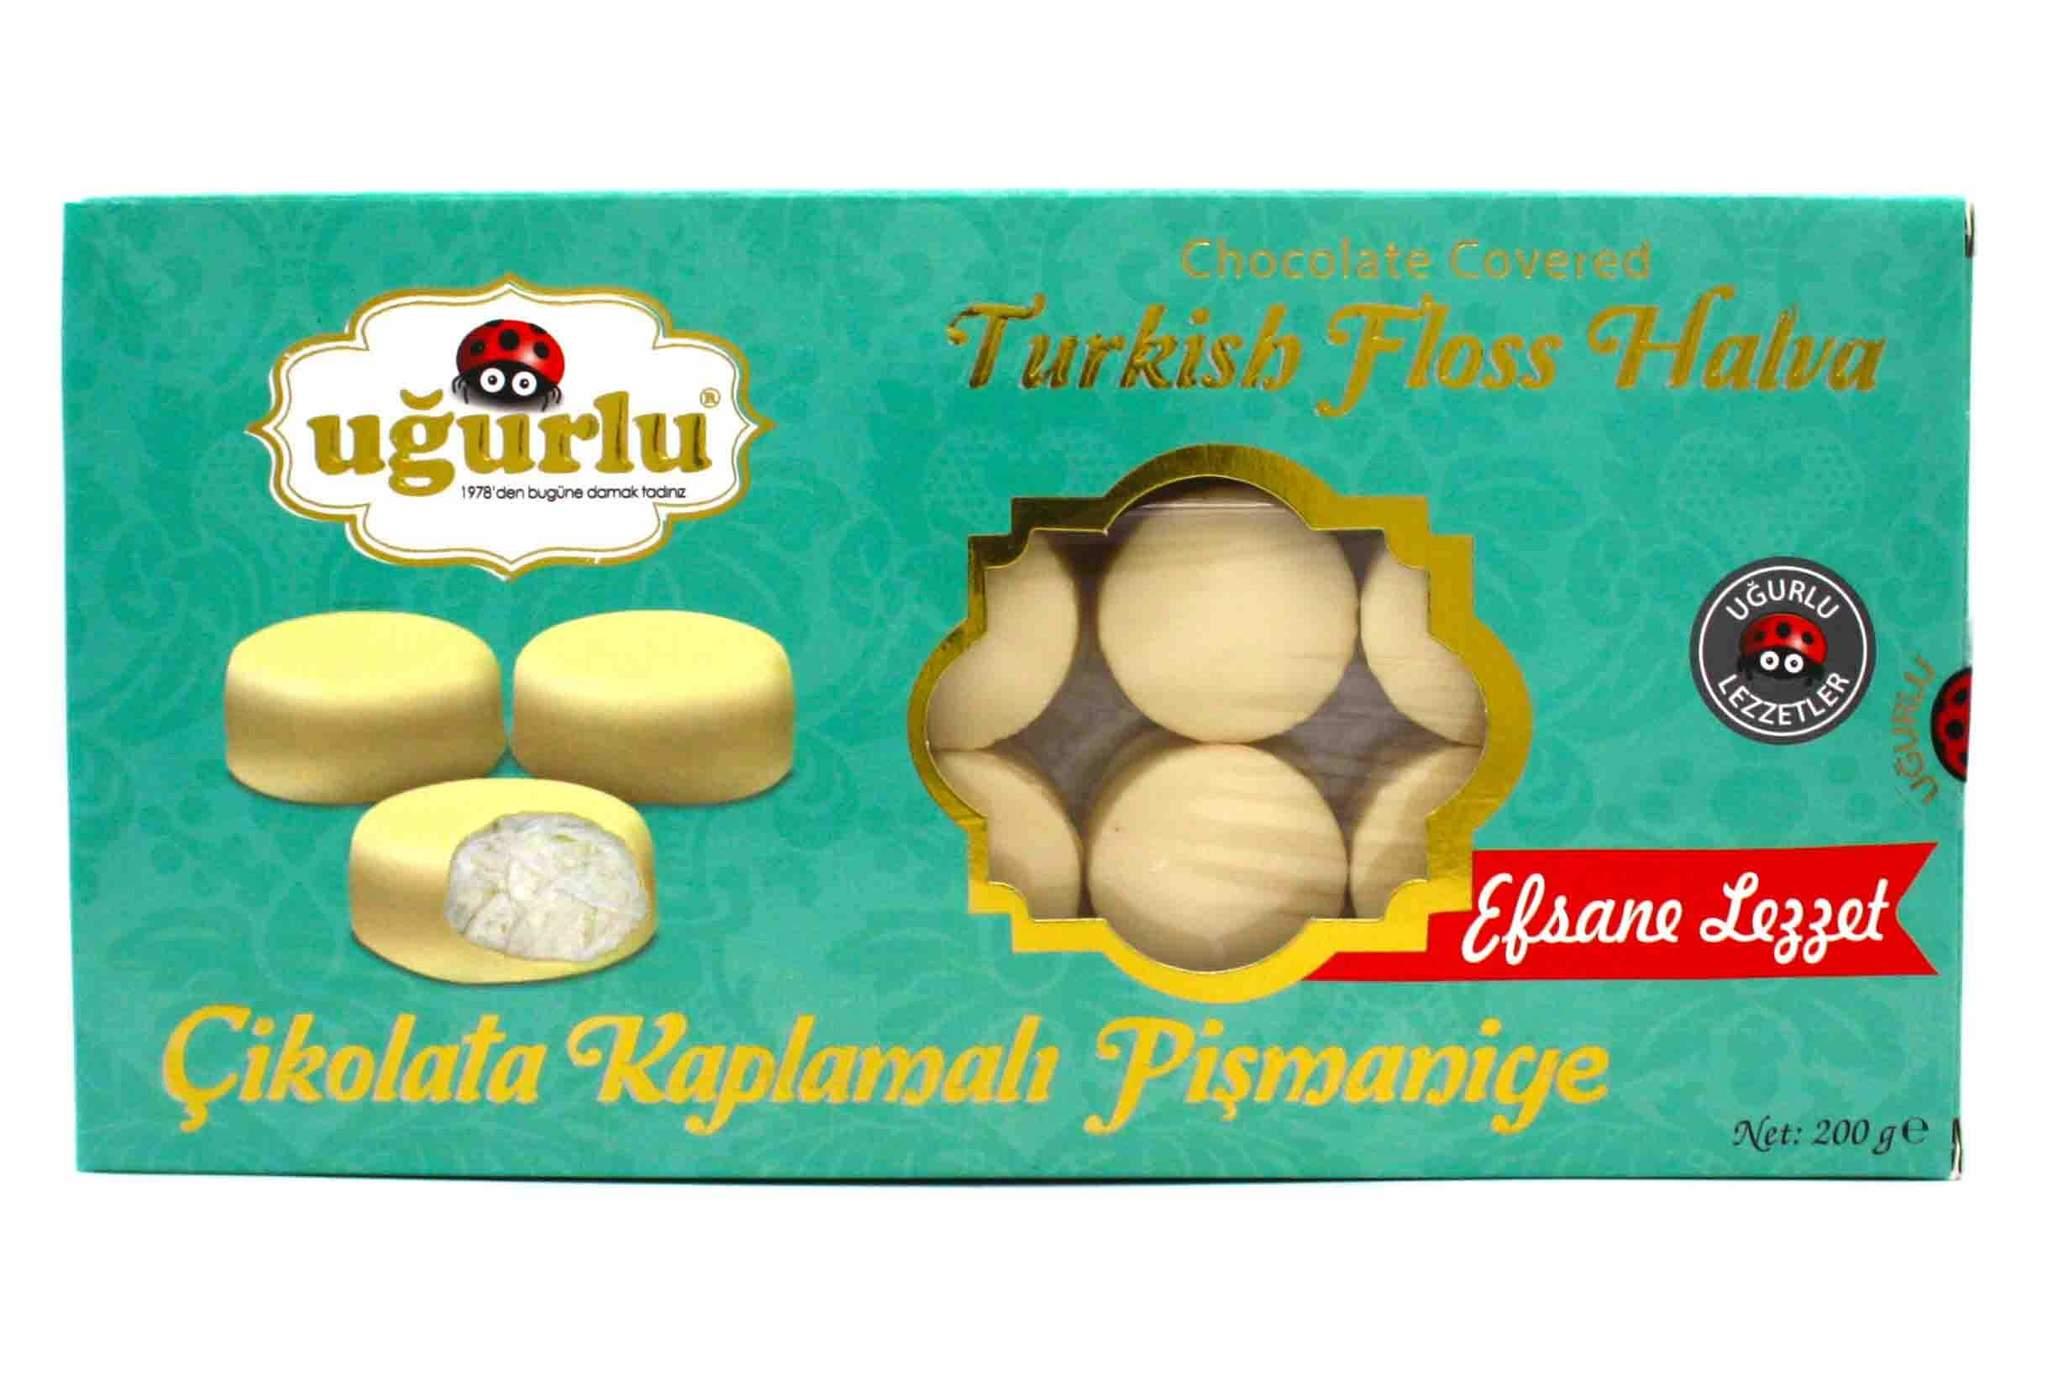 Пишмание Пишмание в белом шоколаде, Ugurlu, 200 г import_files_b8_b820a7bb23e611eba9d6484d7ecee297_5628a8772e2e11eba9d6484d7ecee297.jpg